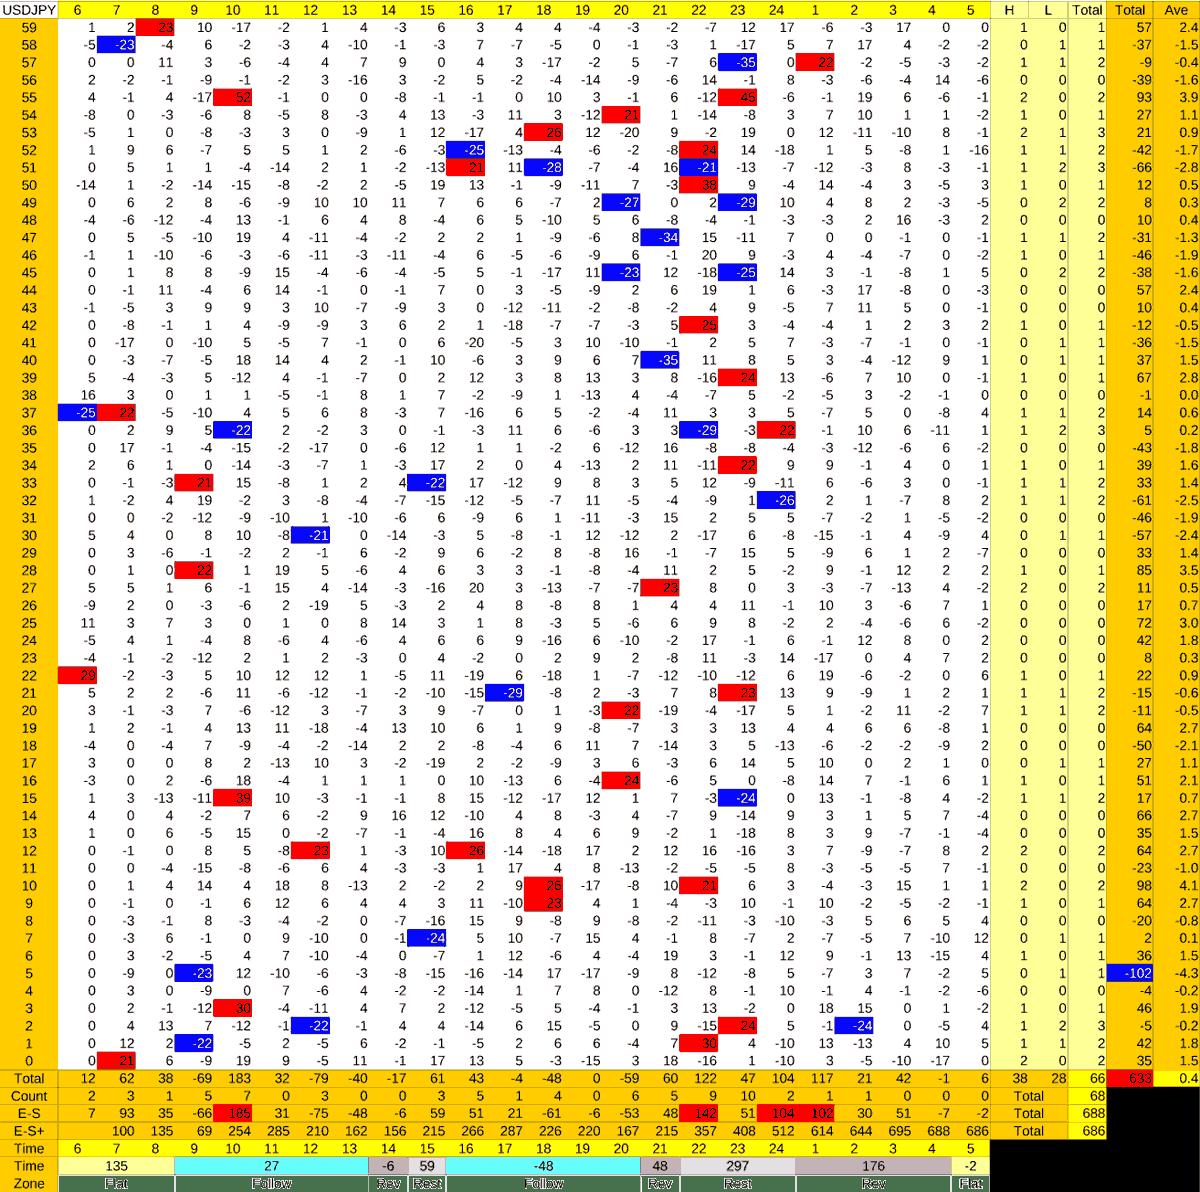 20210427_HS(1)USDJPY